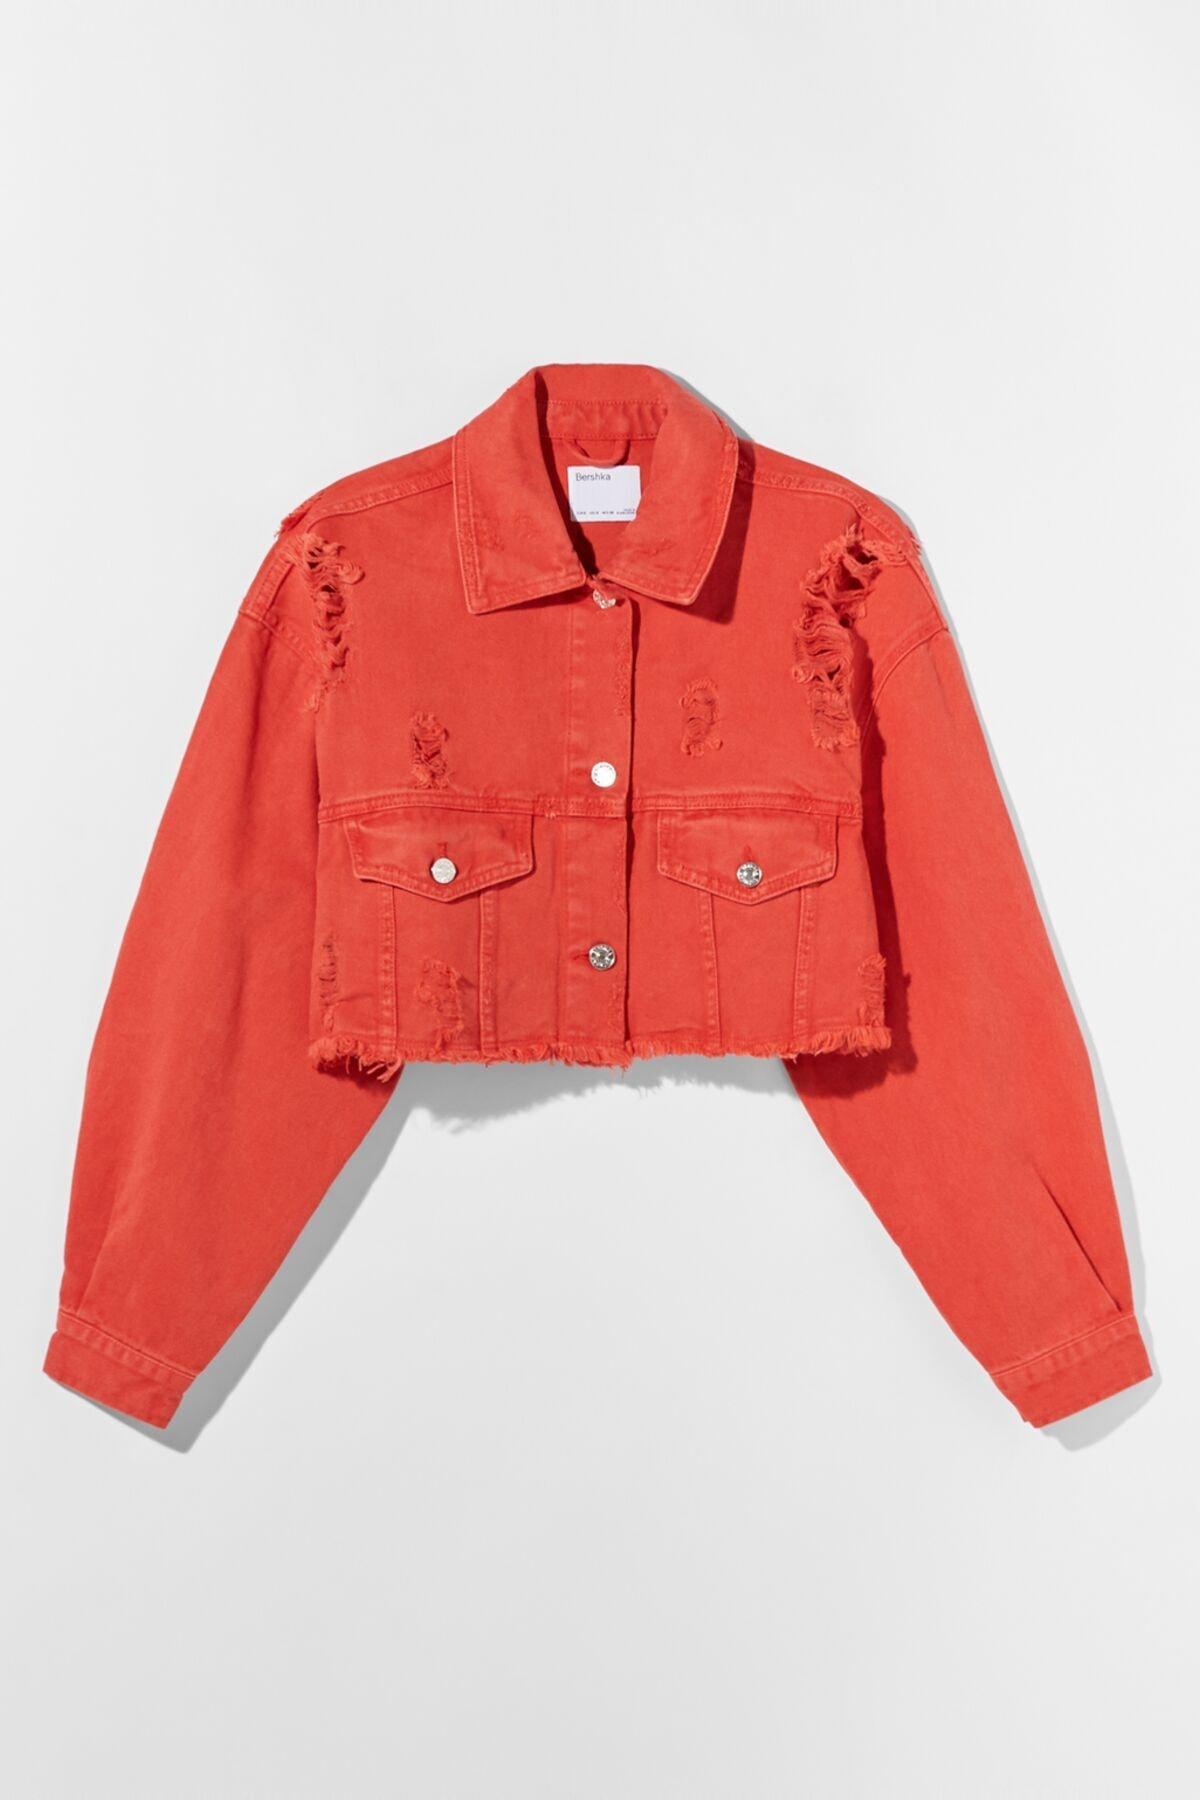 Bershka Kadın Kırmızı Acid Wash Distressed Ceket 01308019 4